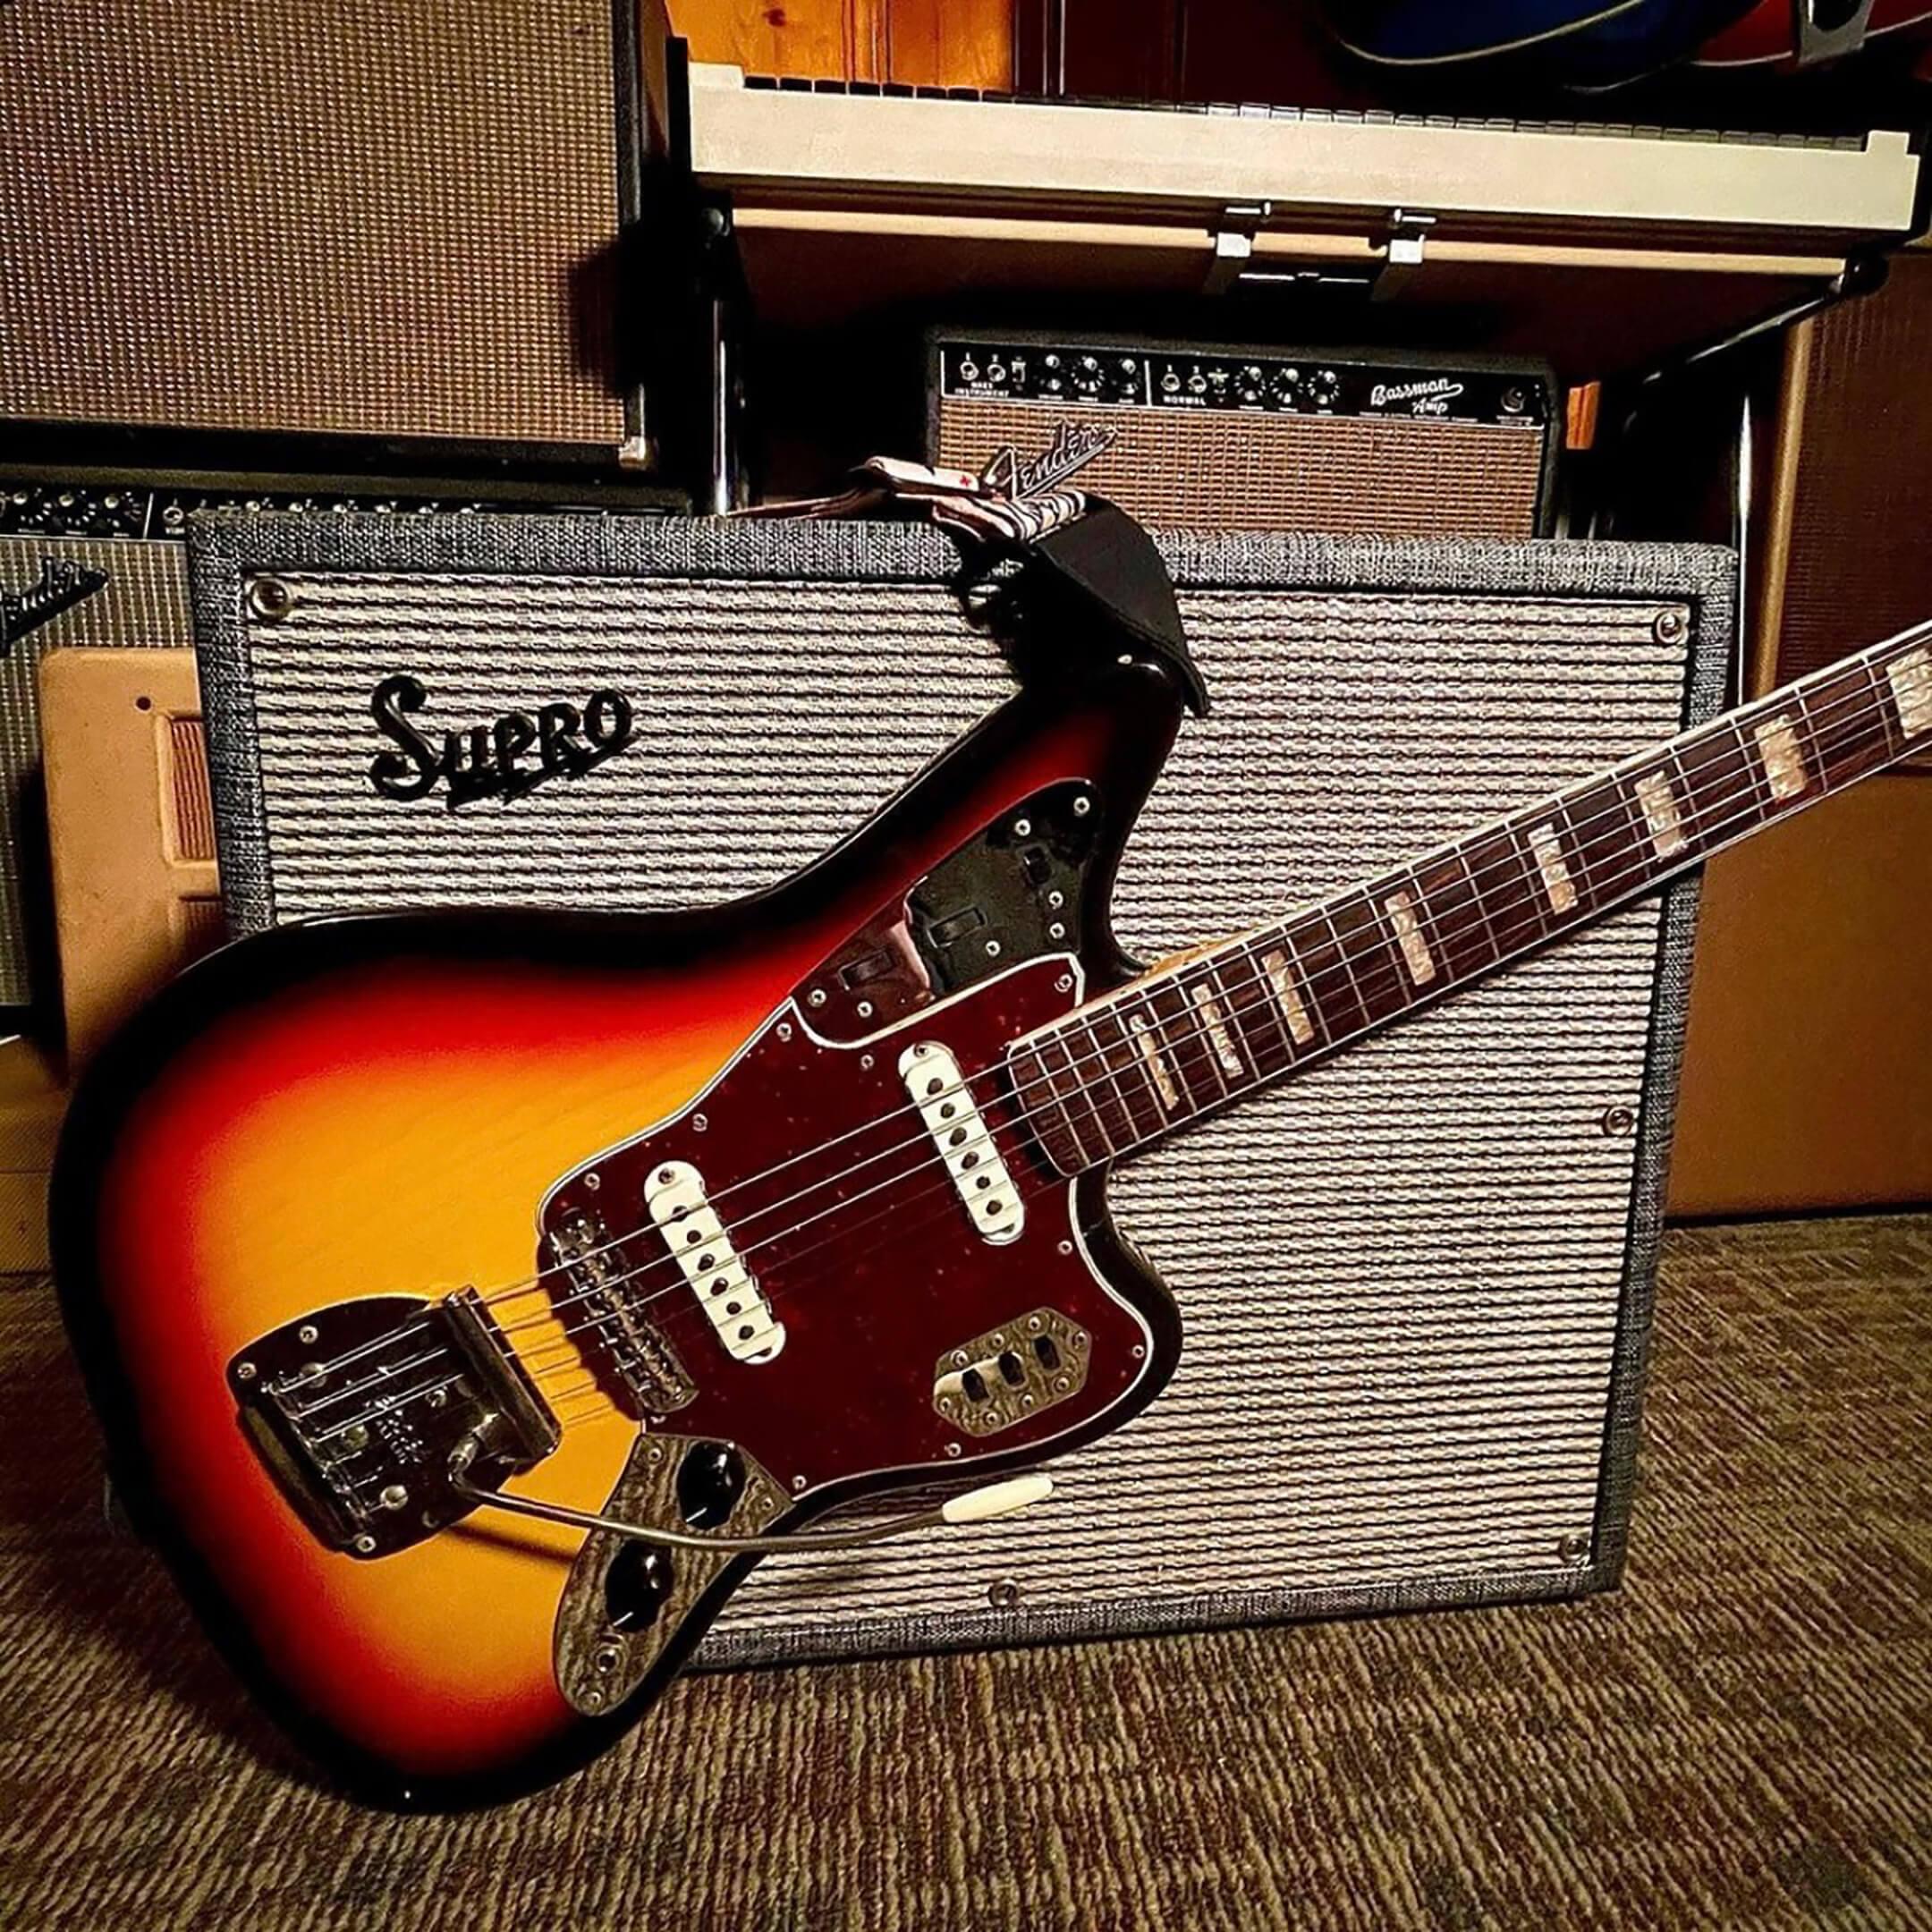 GA-20's 1968 Fender Jaguar